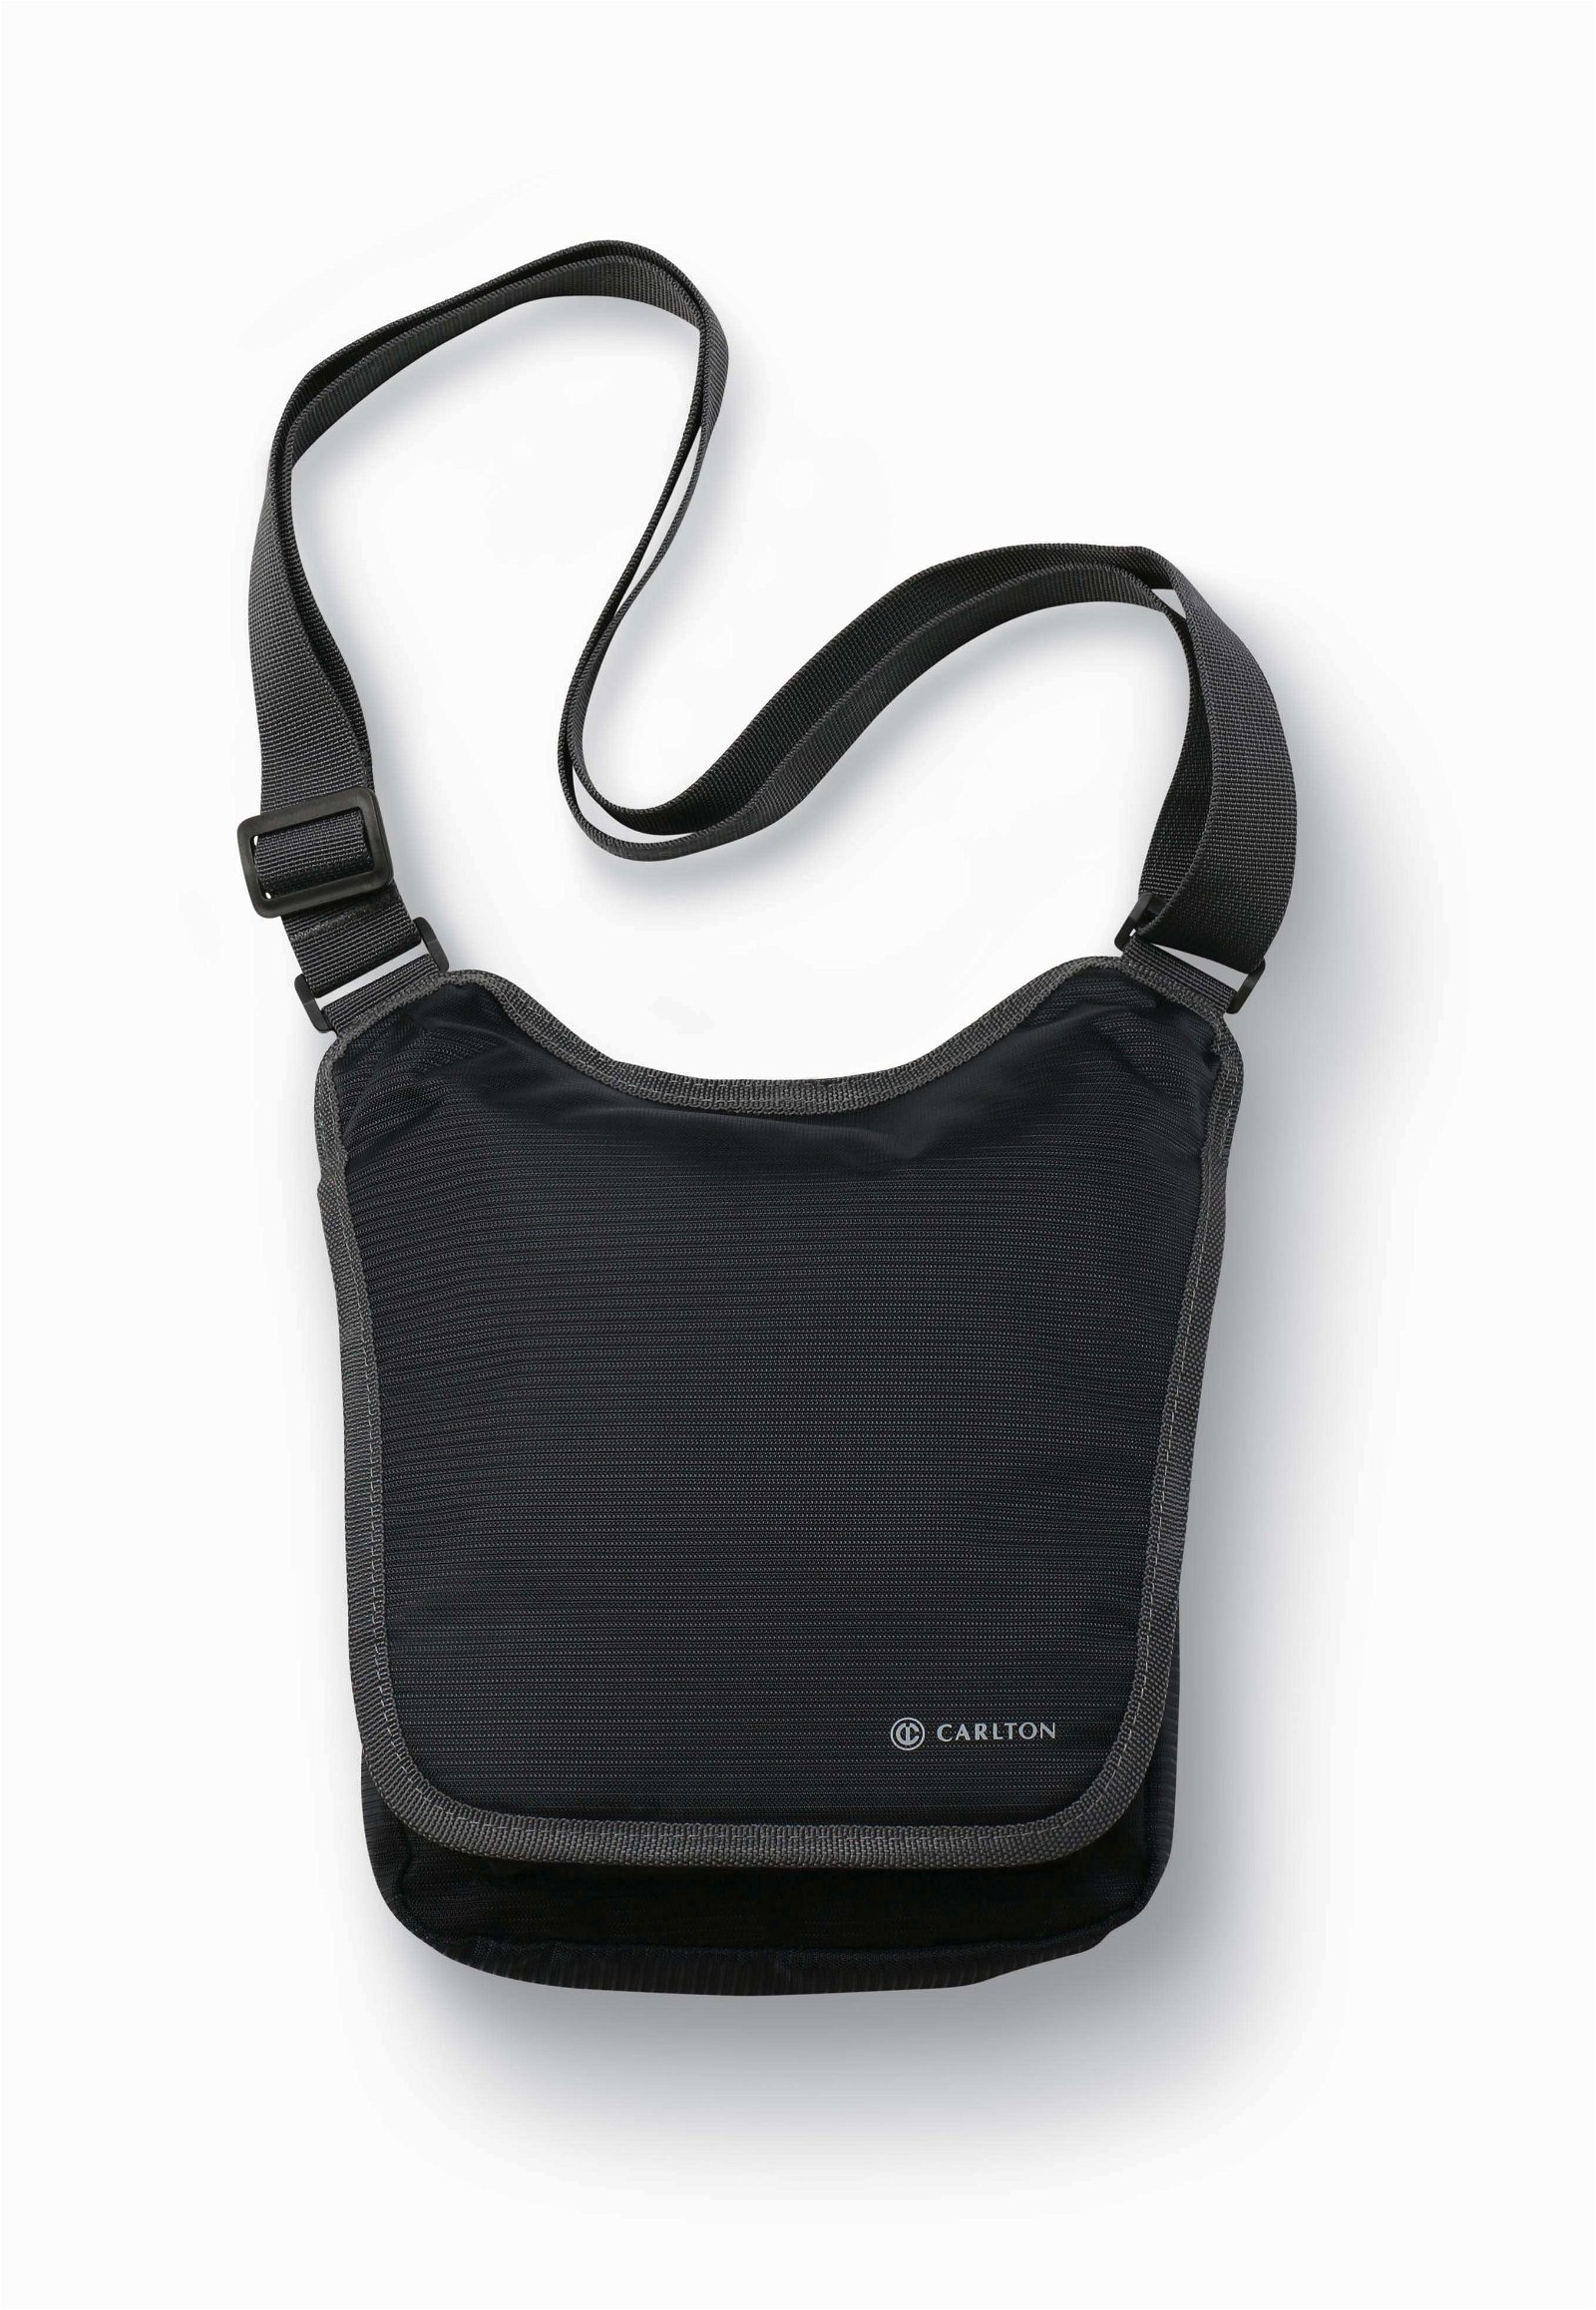 Carlton skulder taske